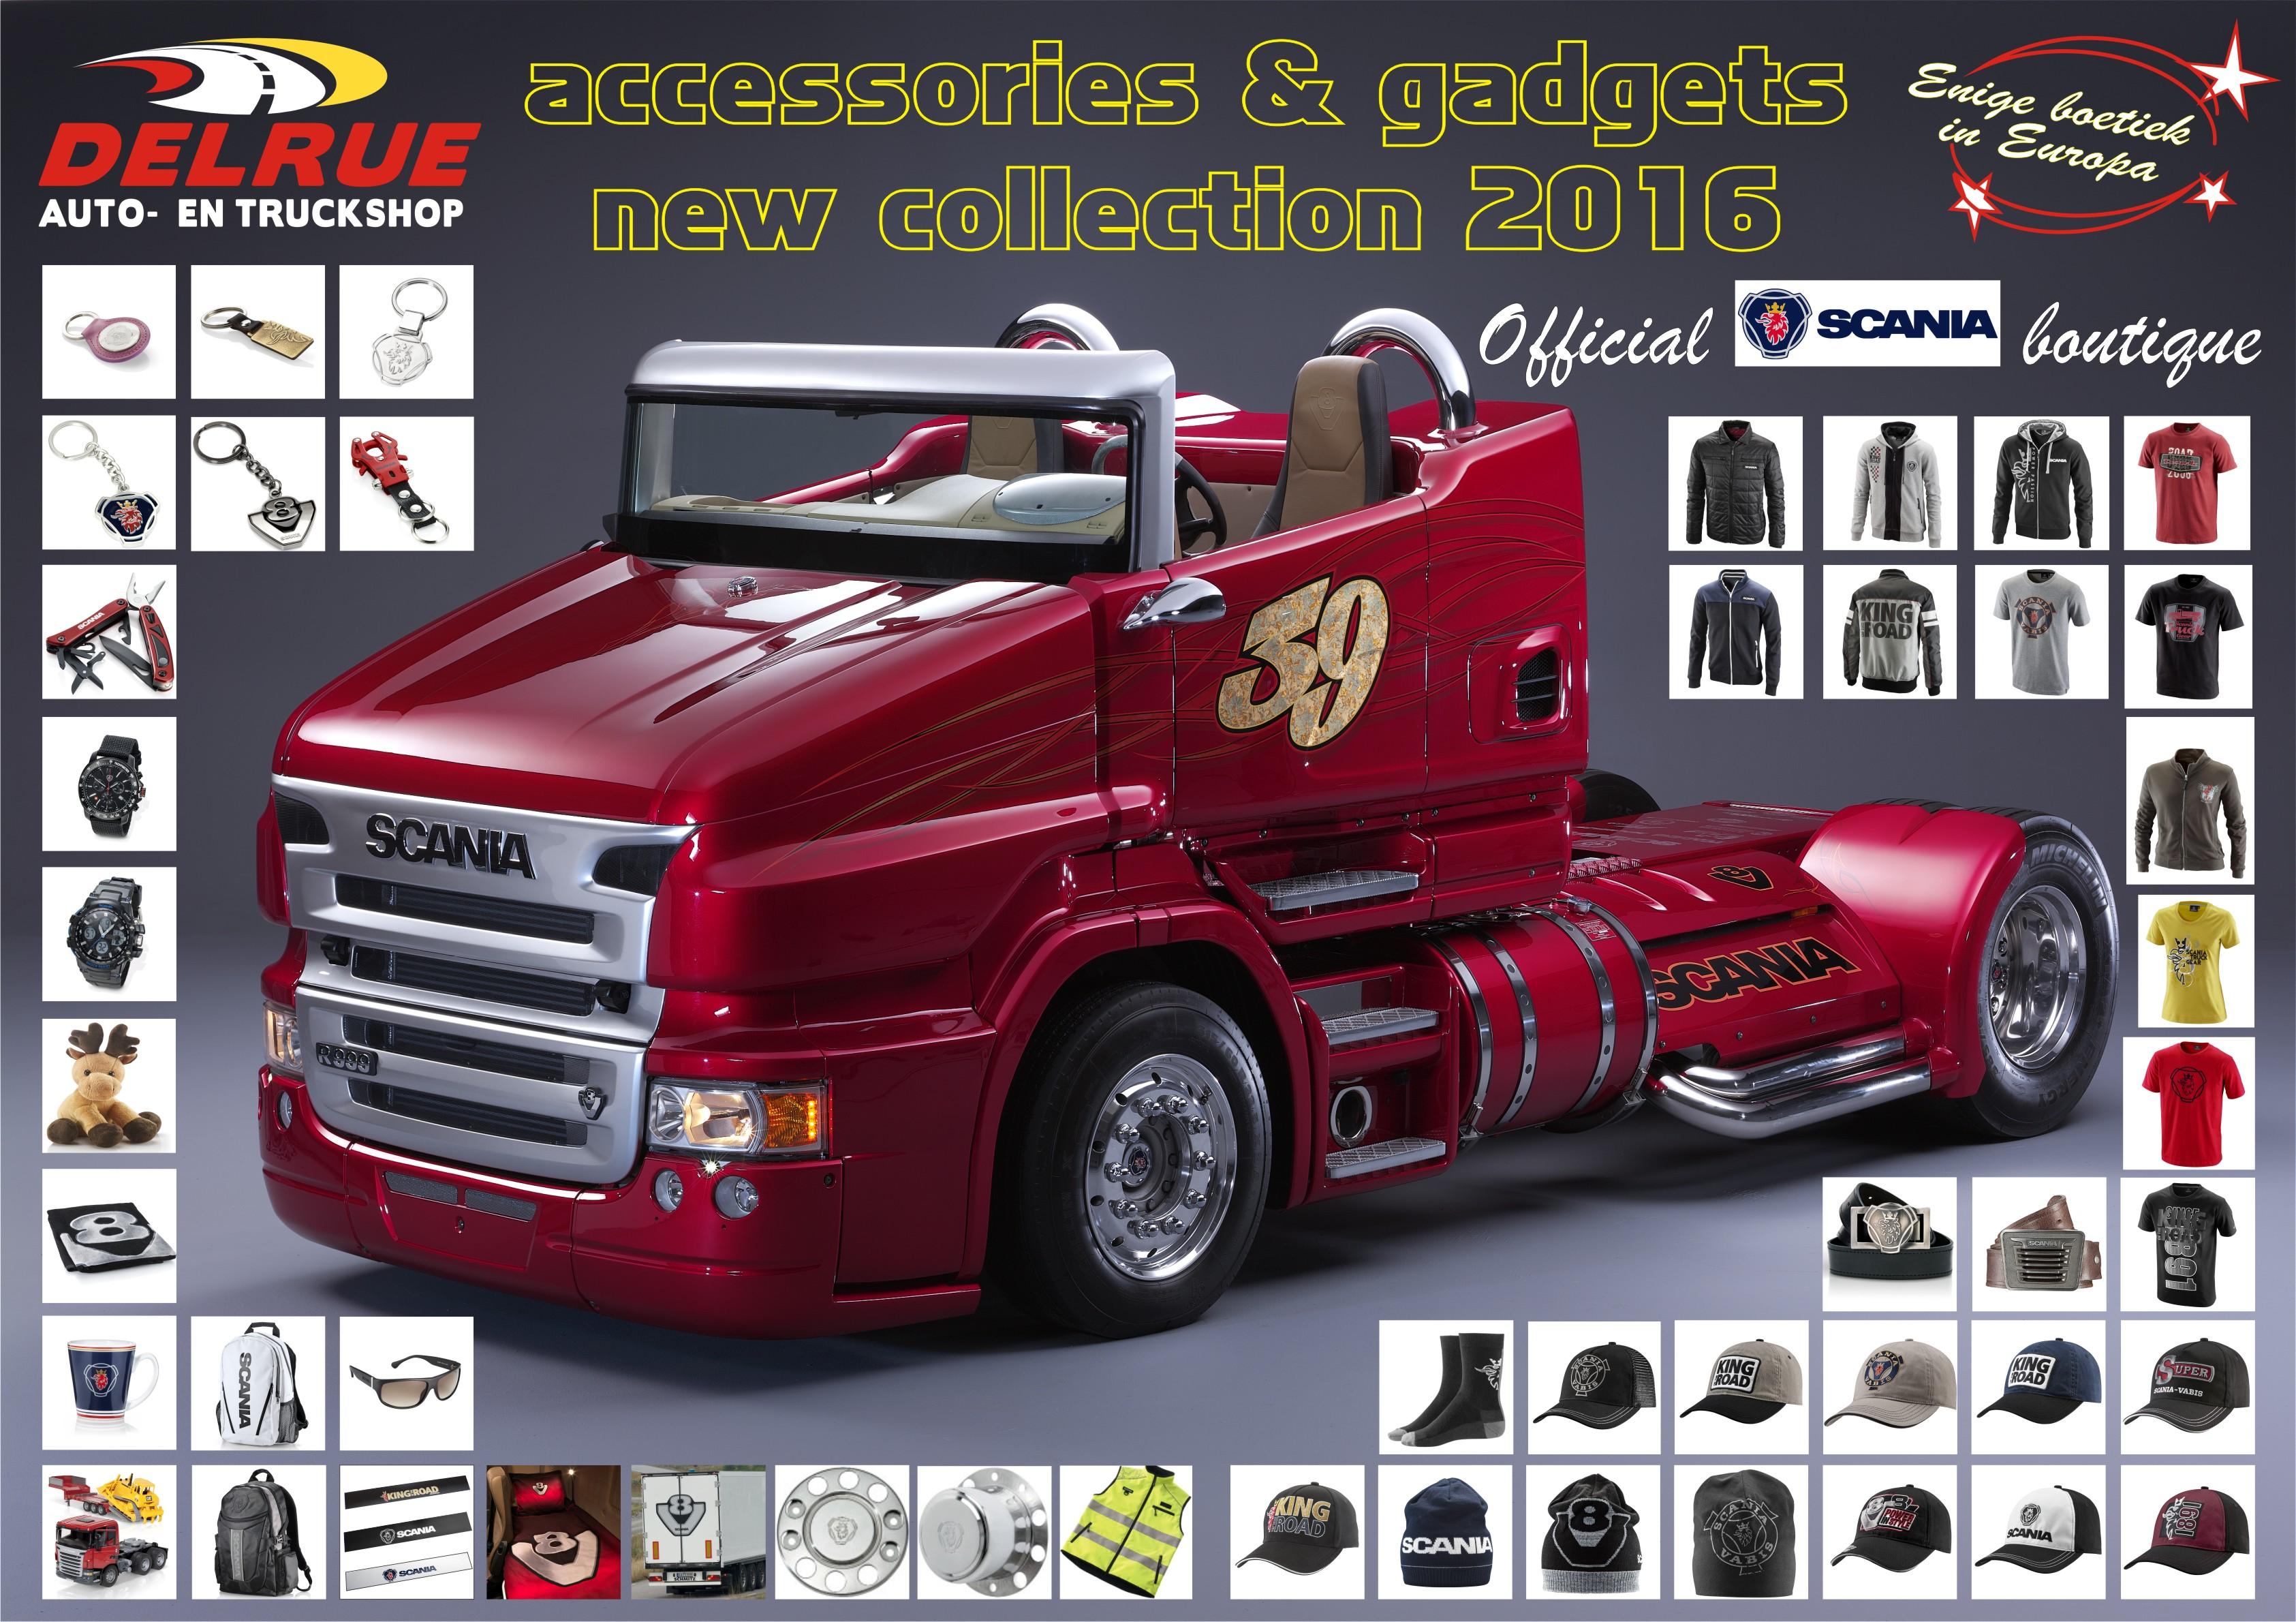 delrue camions pi ces de rechange et accessoires anzegem belgique t l 056688. Black Bedroom Furniture Sets. Home Design Ideas